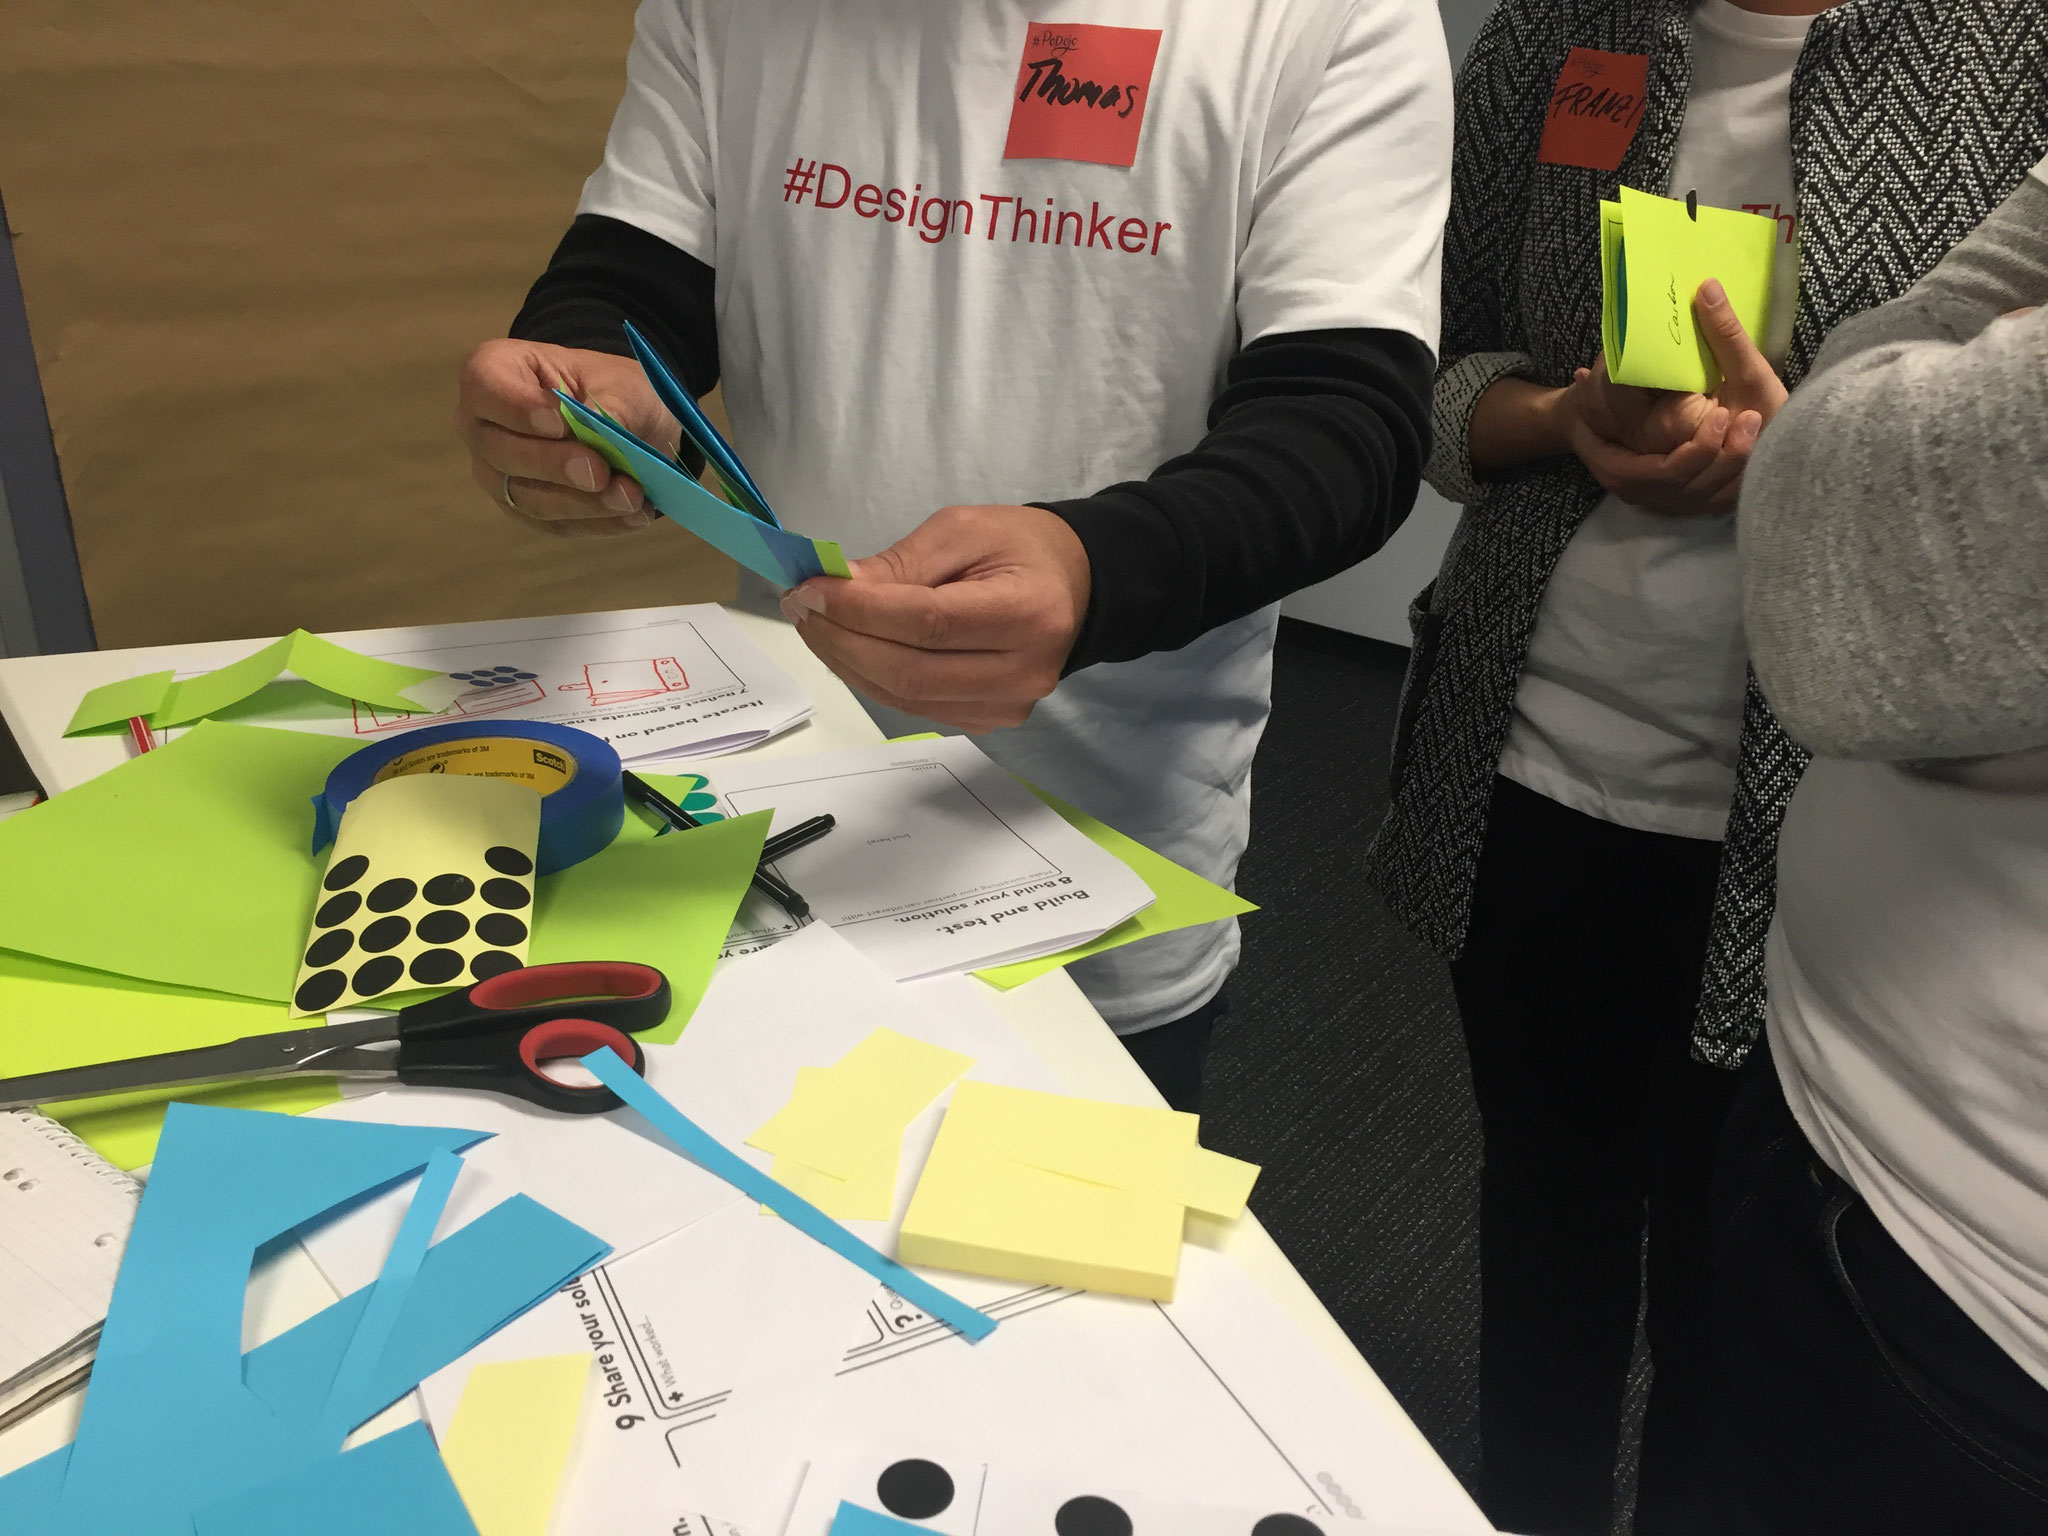 """Im Basis-Workshop """"DesignThinker"""" erleben die Teilnehmer Design Thinking aus Anwendersicht. Thema, Ort, Artefakte, Teilnehmerauswahl und geladene Gäste stellen die Kommunikation der Aktivität in der Organisation sicher."""